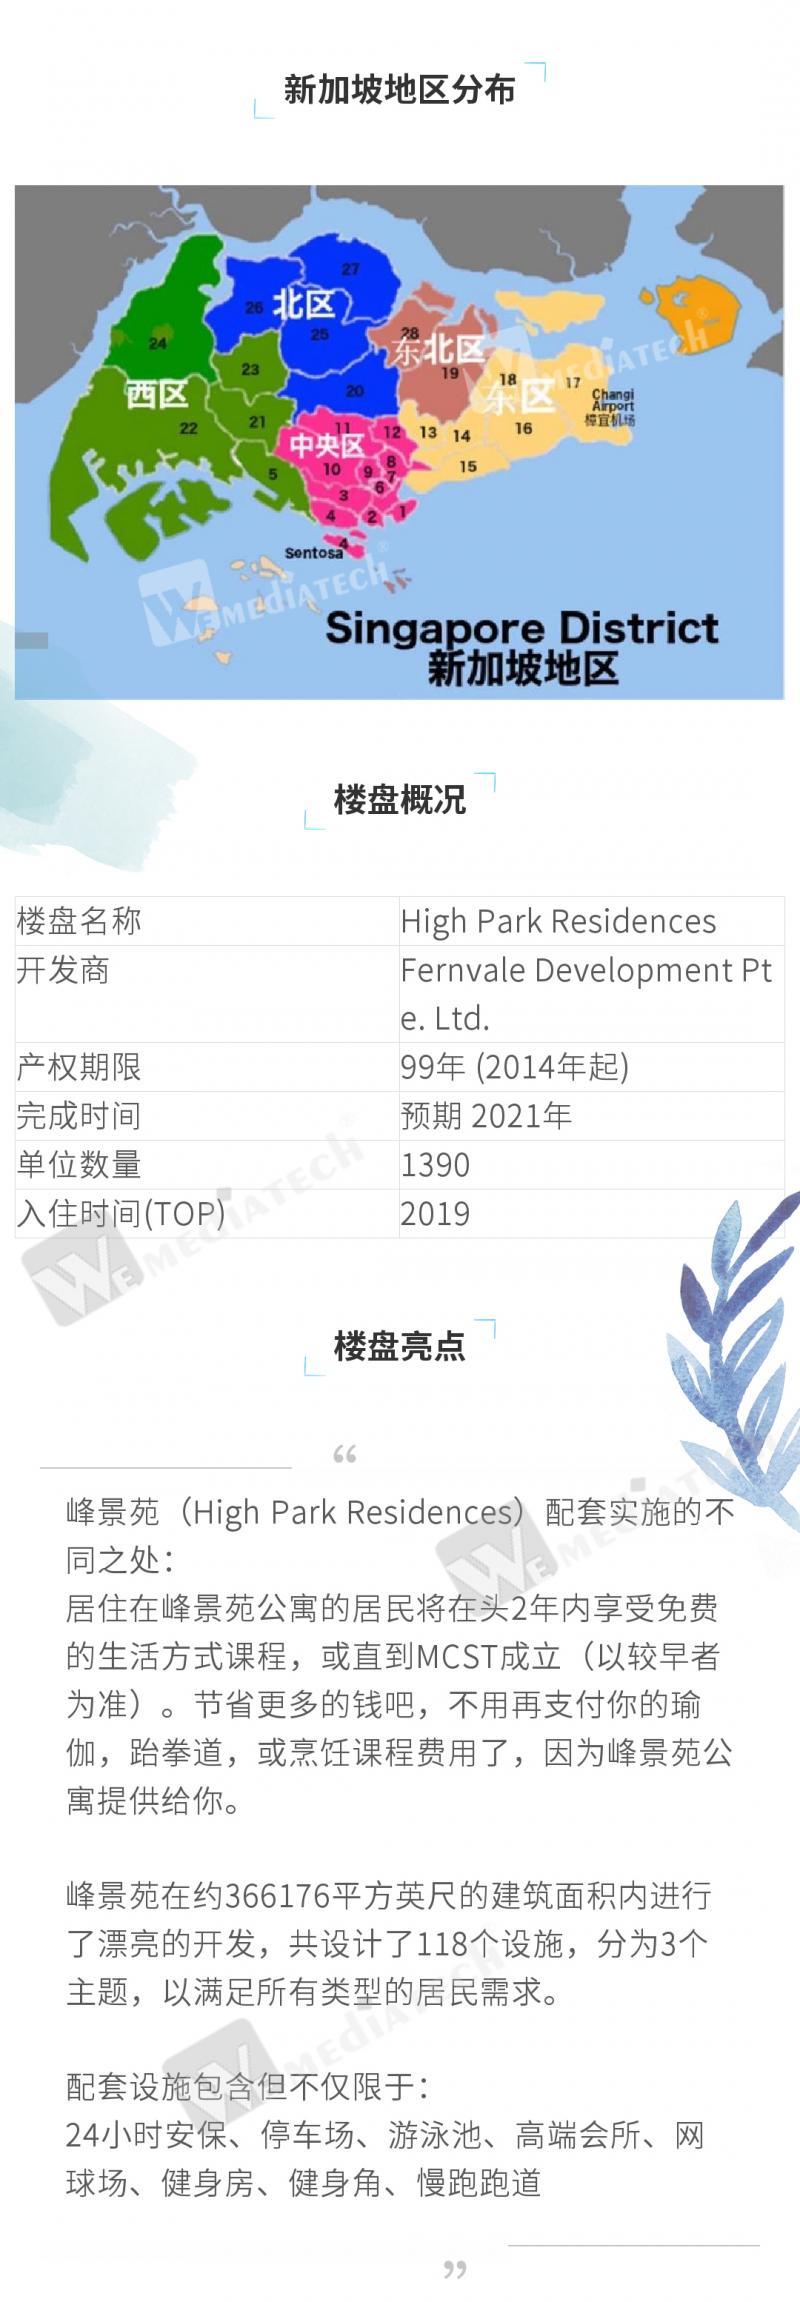 highpark residences2.jpg